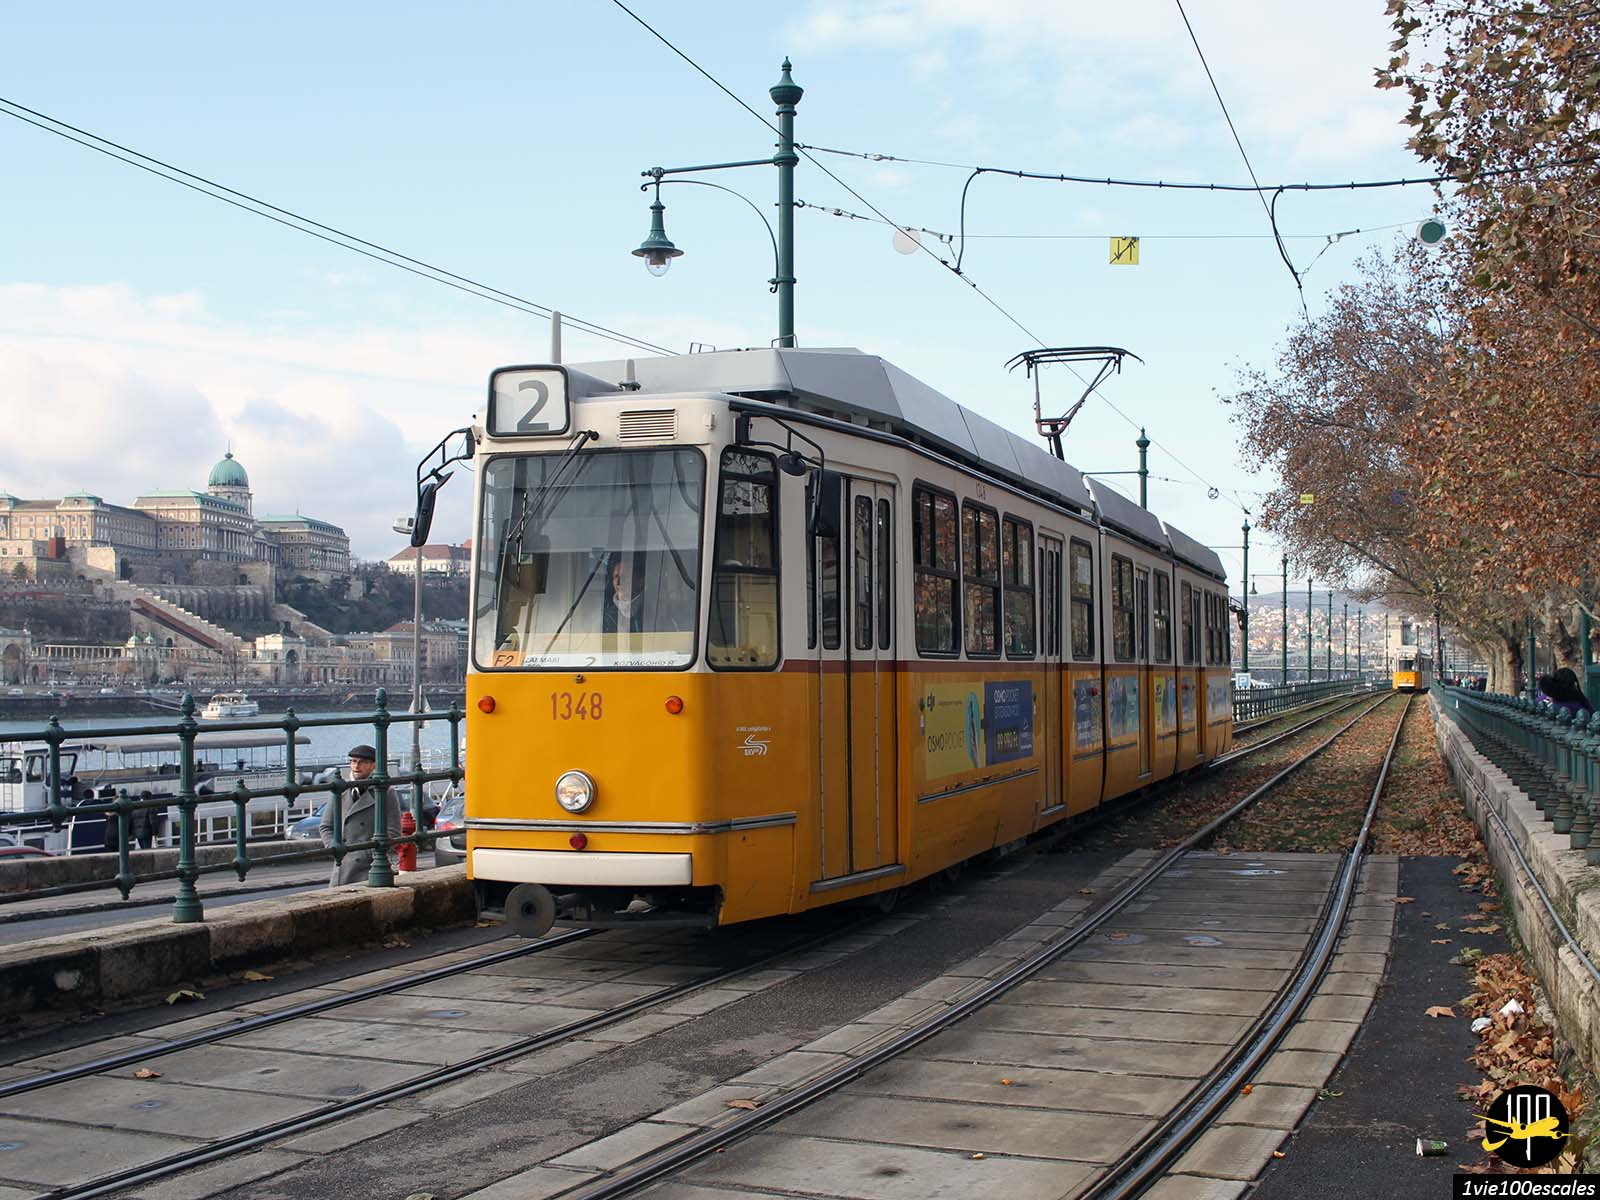 Le fameux vieux tramway jaune de Budapest